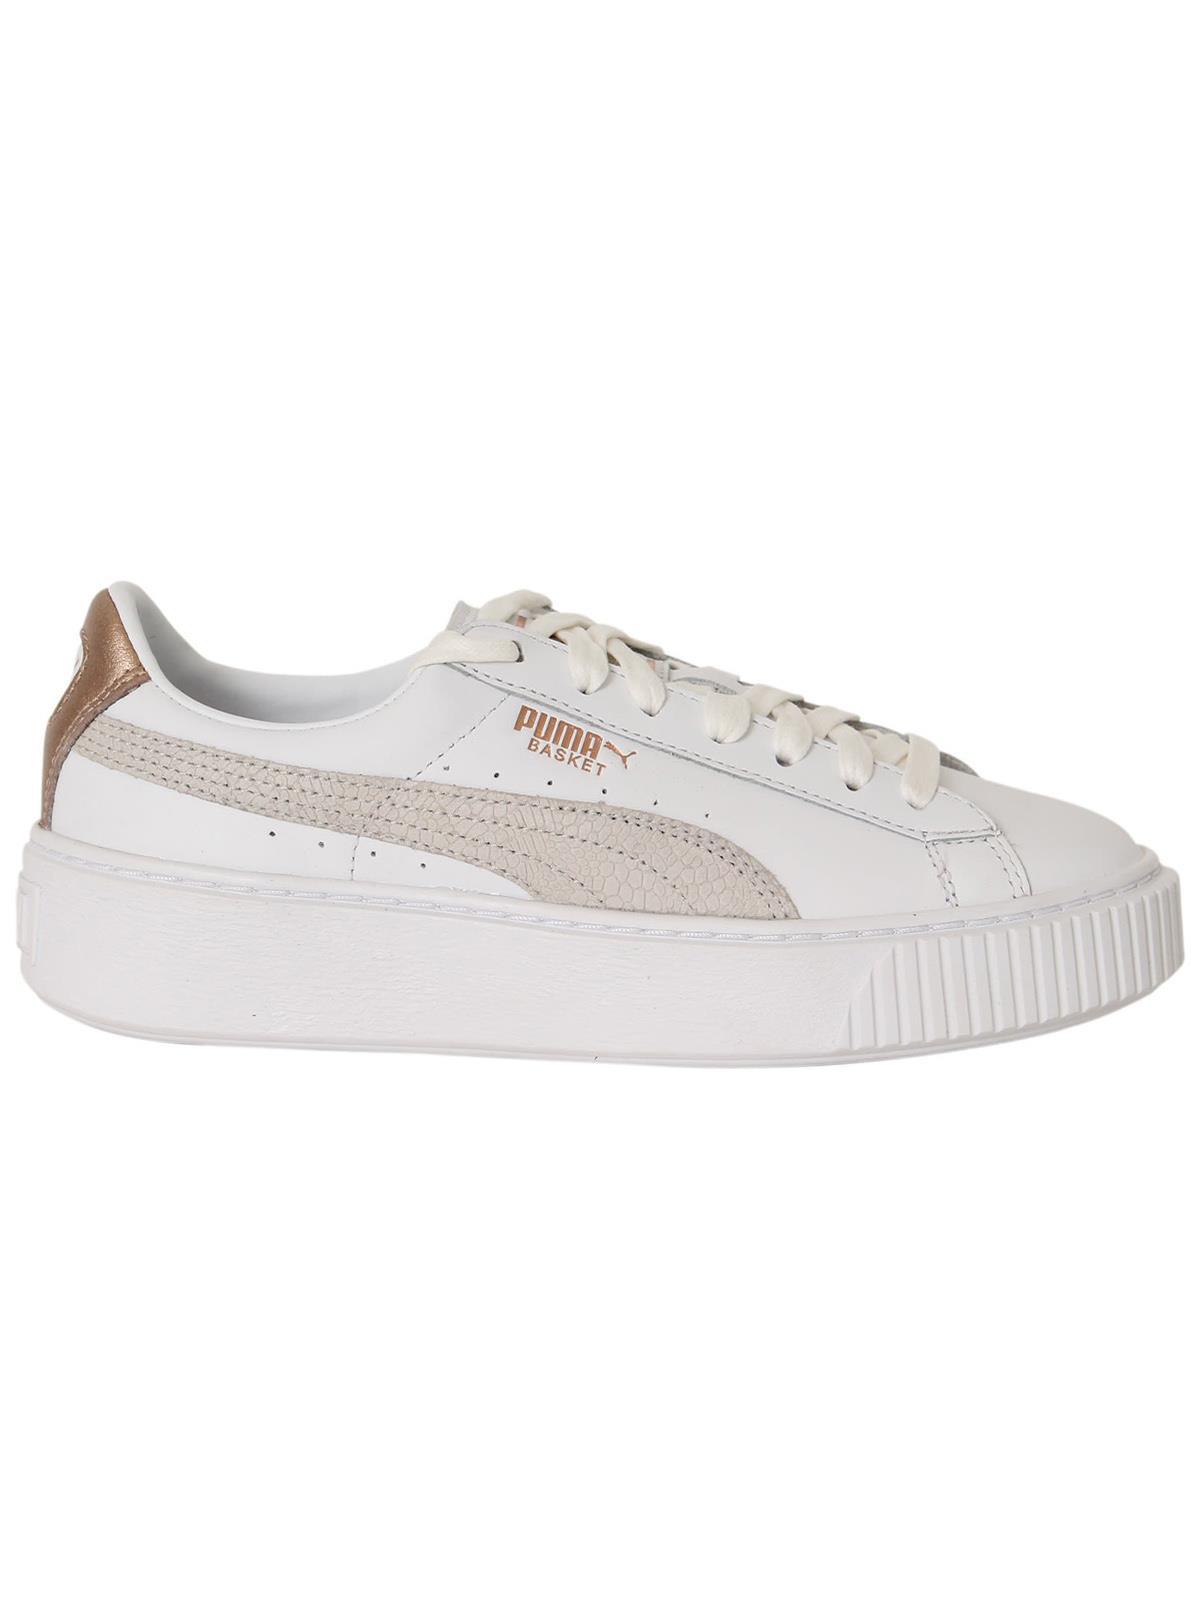 Scarpe Puma Basket Platform Euphoria Rg Donna 36681402